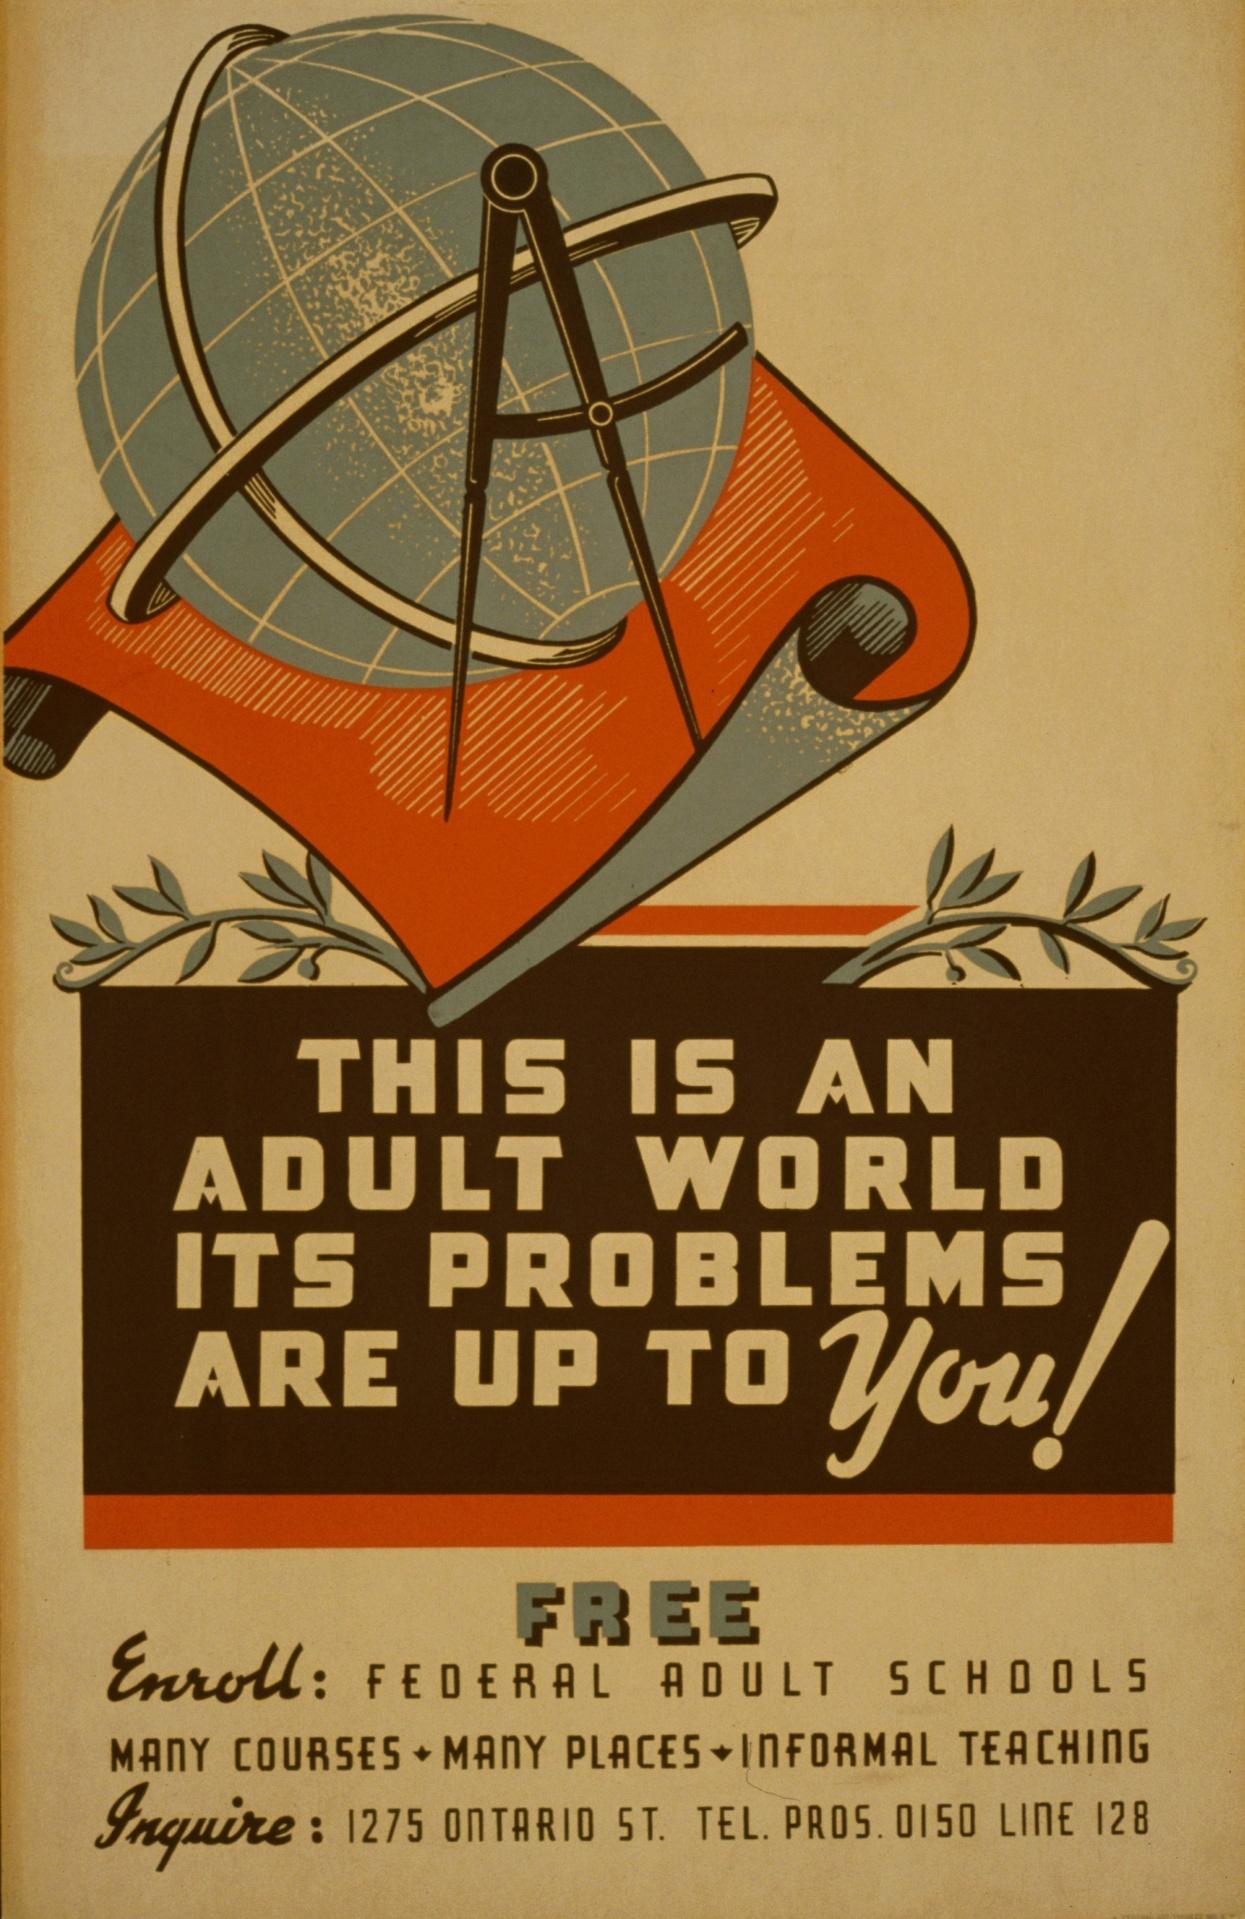 Propagandni poster iz sredine 20. stoljeća koji poziva na upis u škole za odrasle (izvor: Public Domain Pictures).